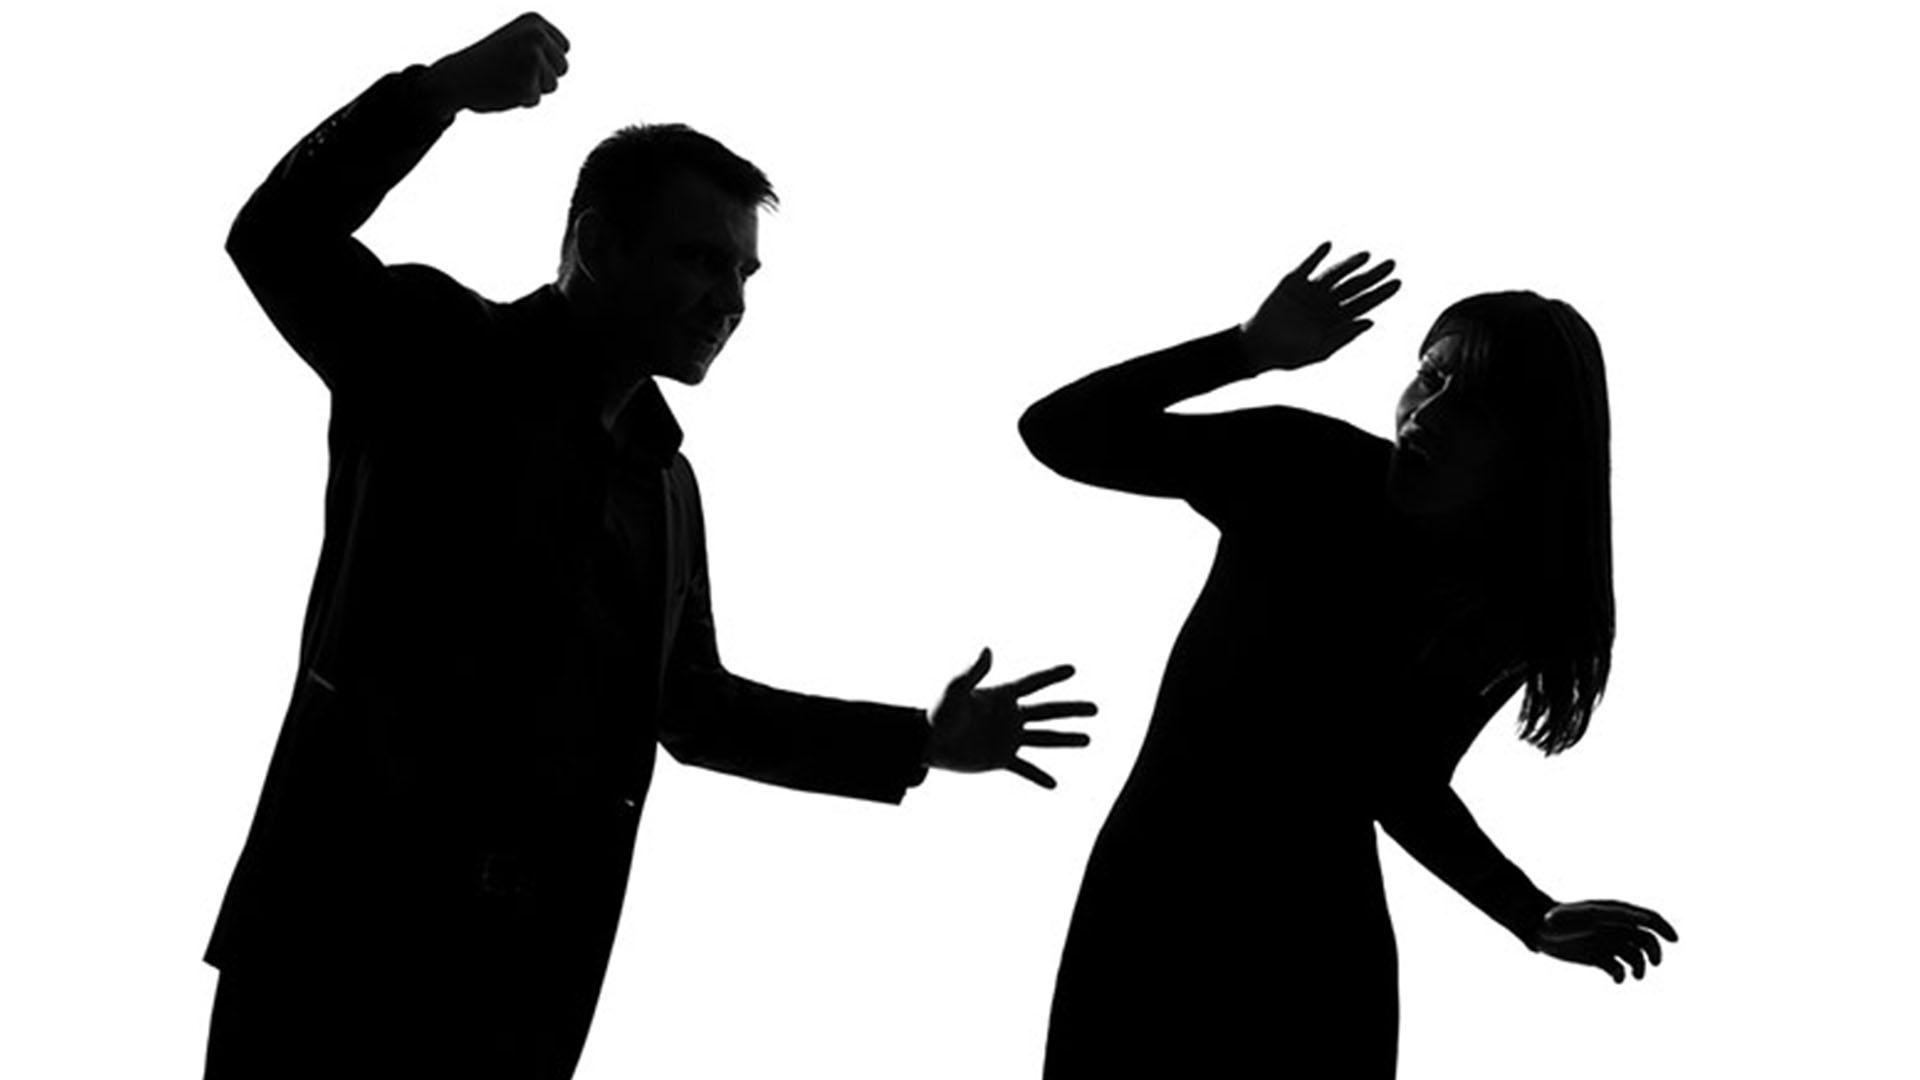 ქალთა მიმართ ძალადობაზე სასჯელი მკაცრდება